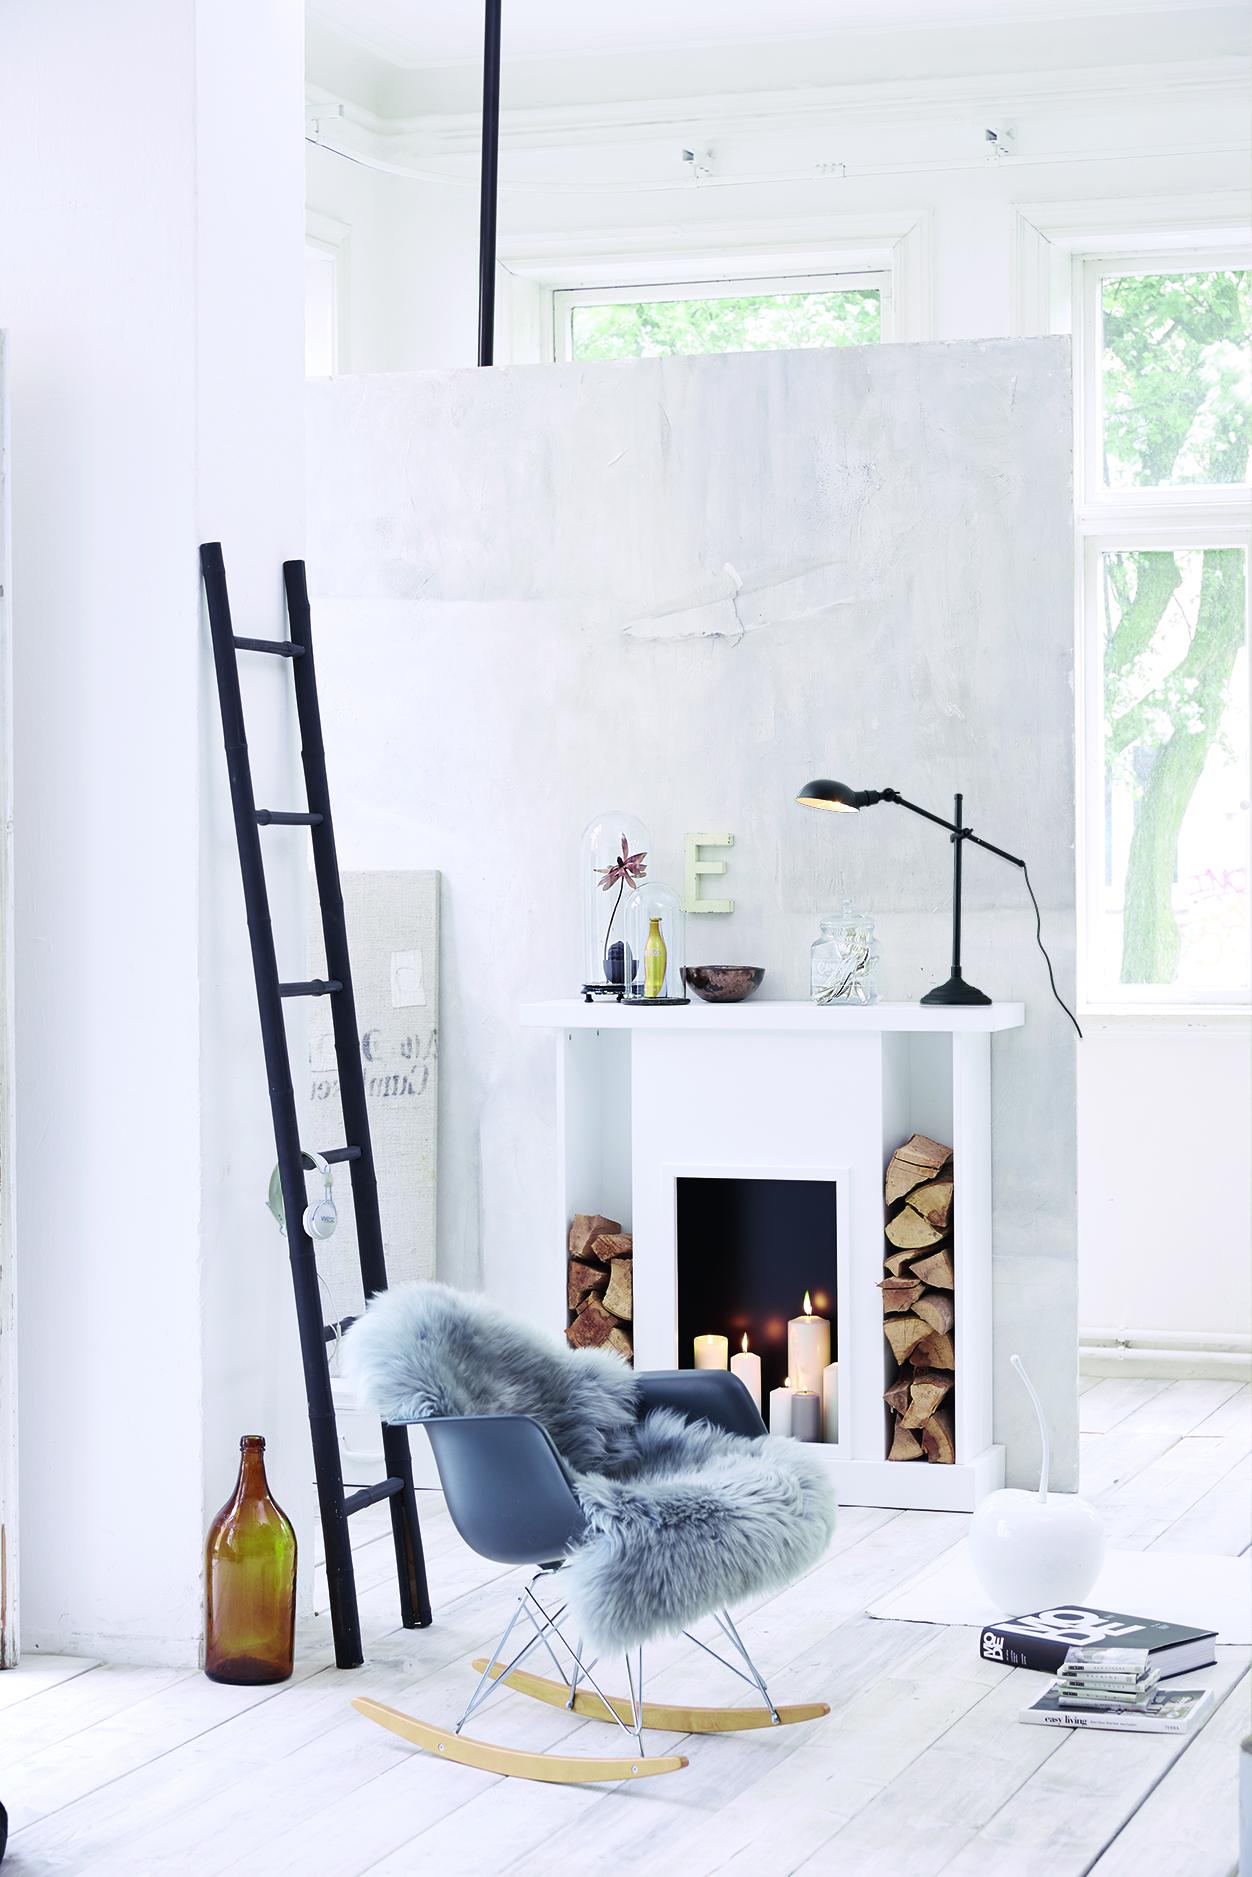 7 tolle Ideen wie ihr eure Kaminkonsole dekorieren könnt - Wohnkonfetti